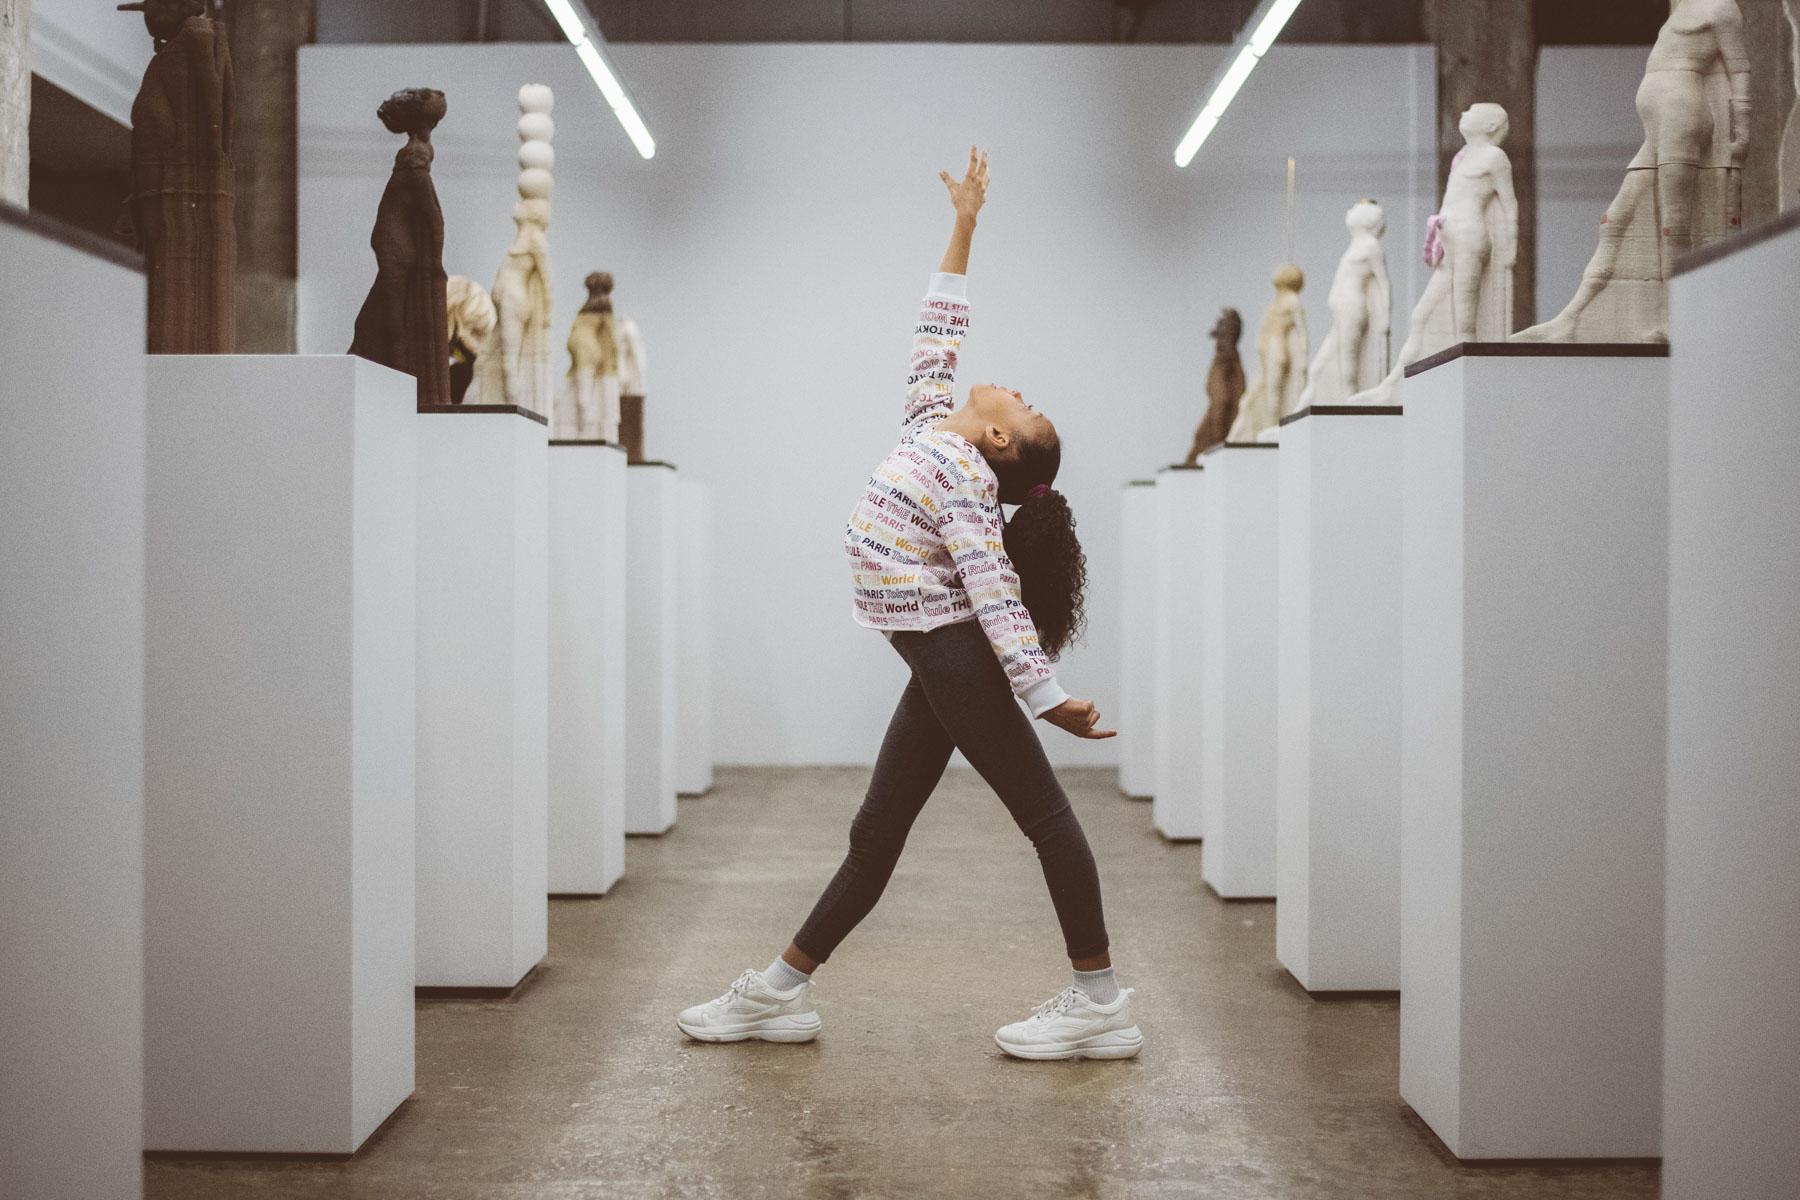 Néhémie au milieu des statues - Laura Van Puymbroeck